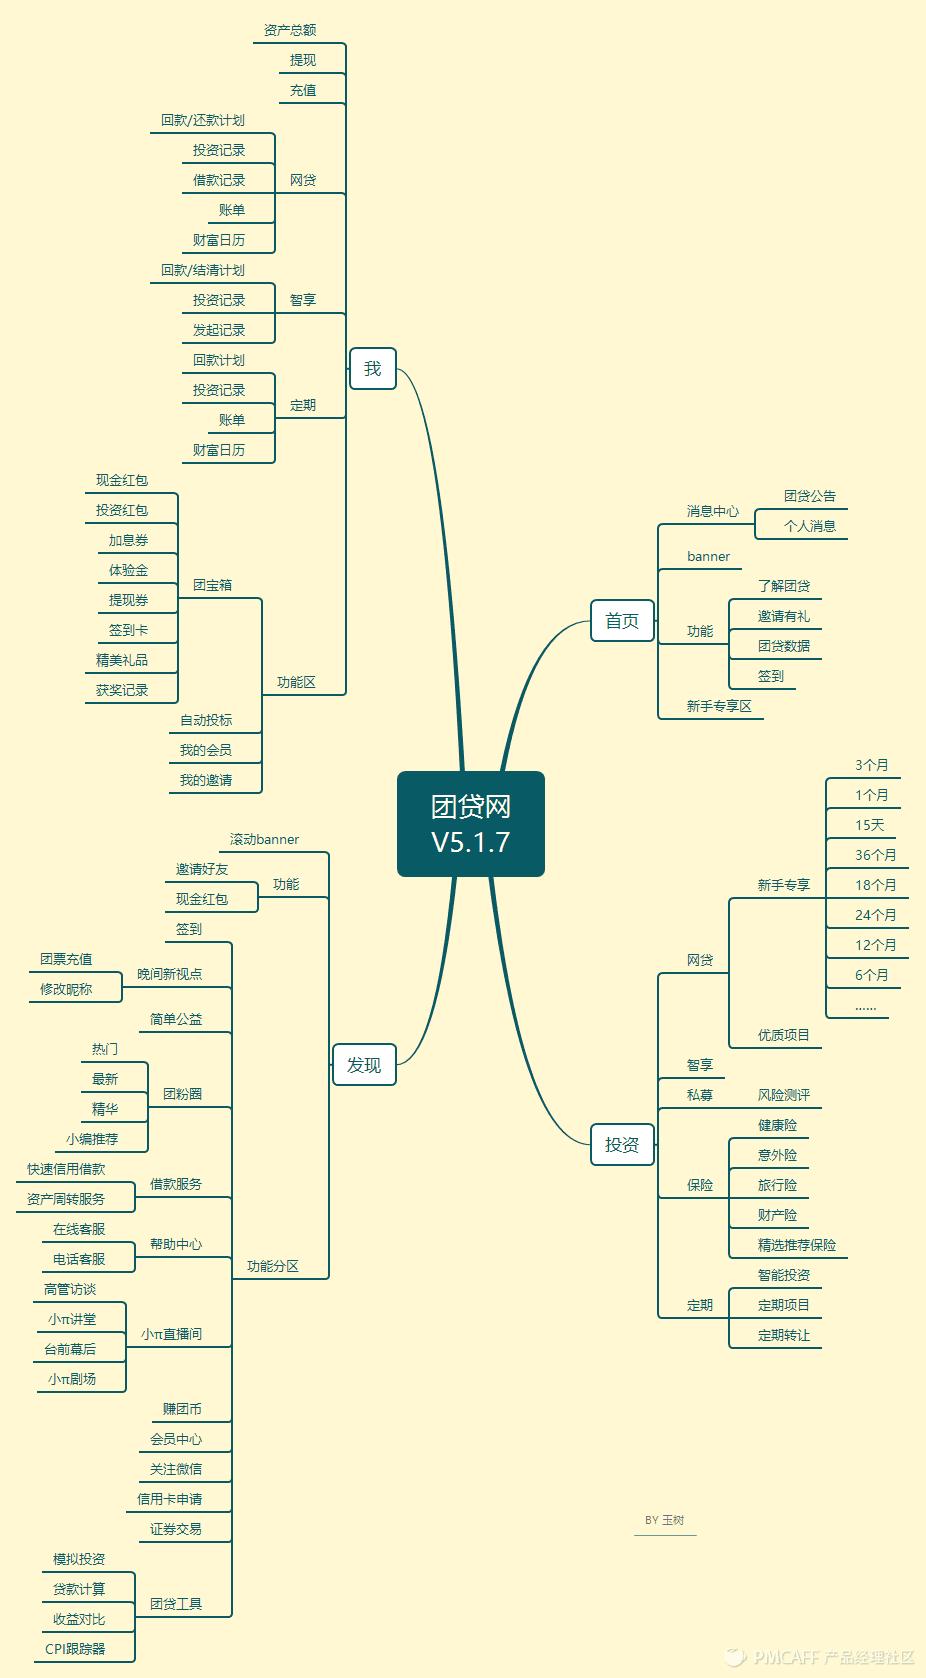 团贷网 V5.1.7.png